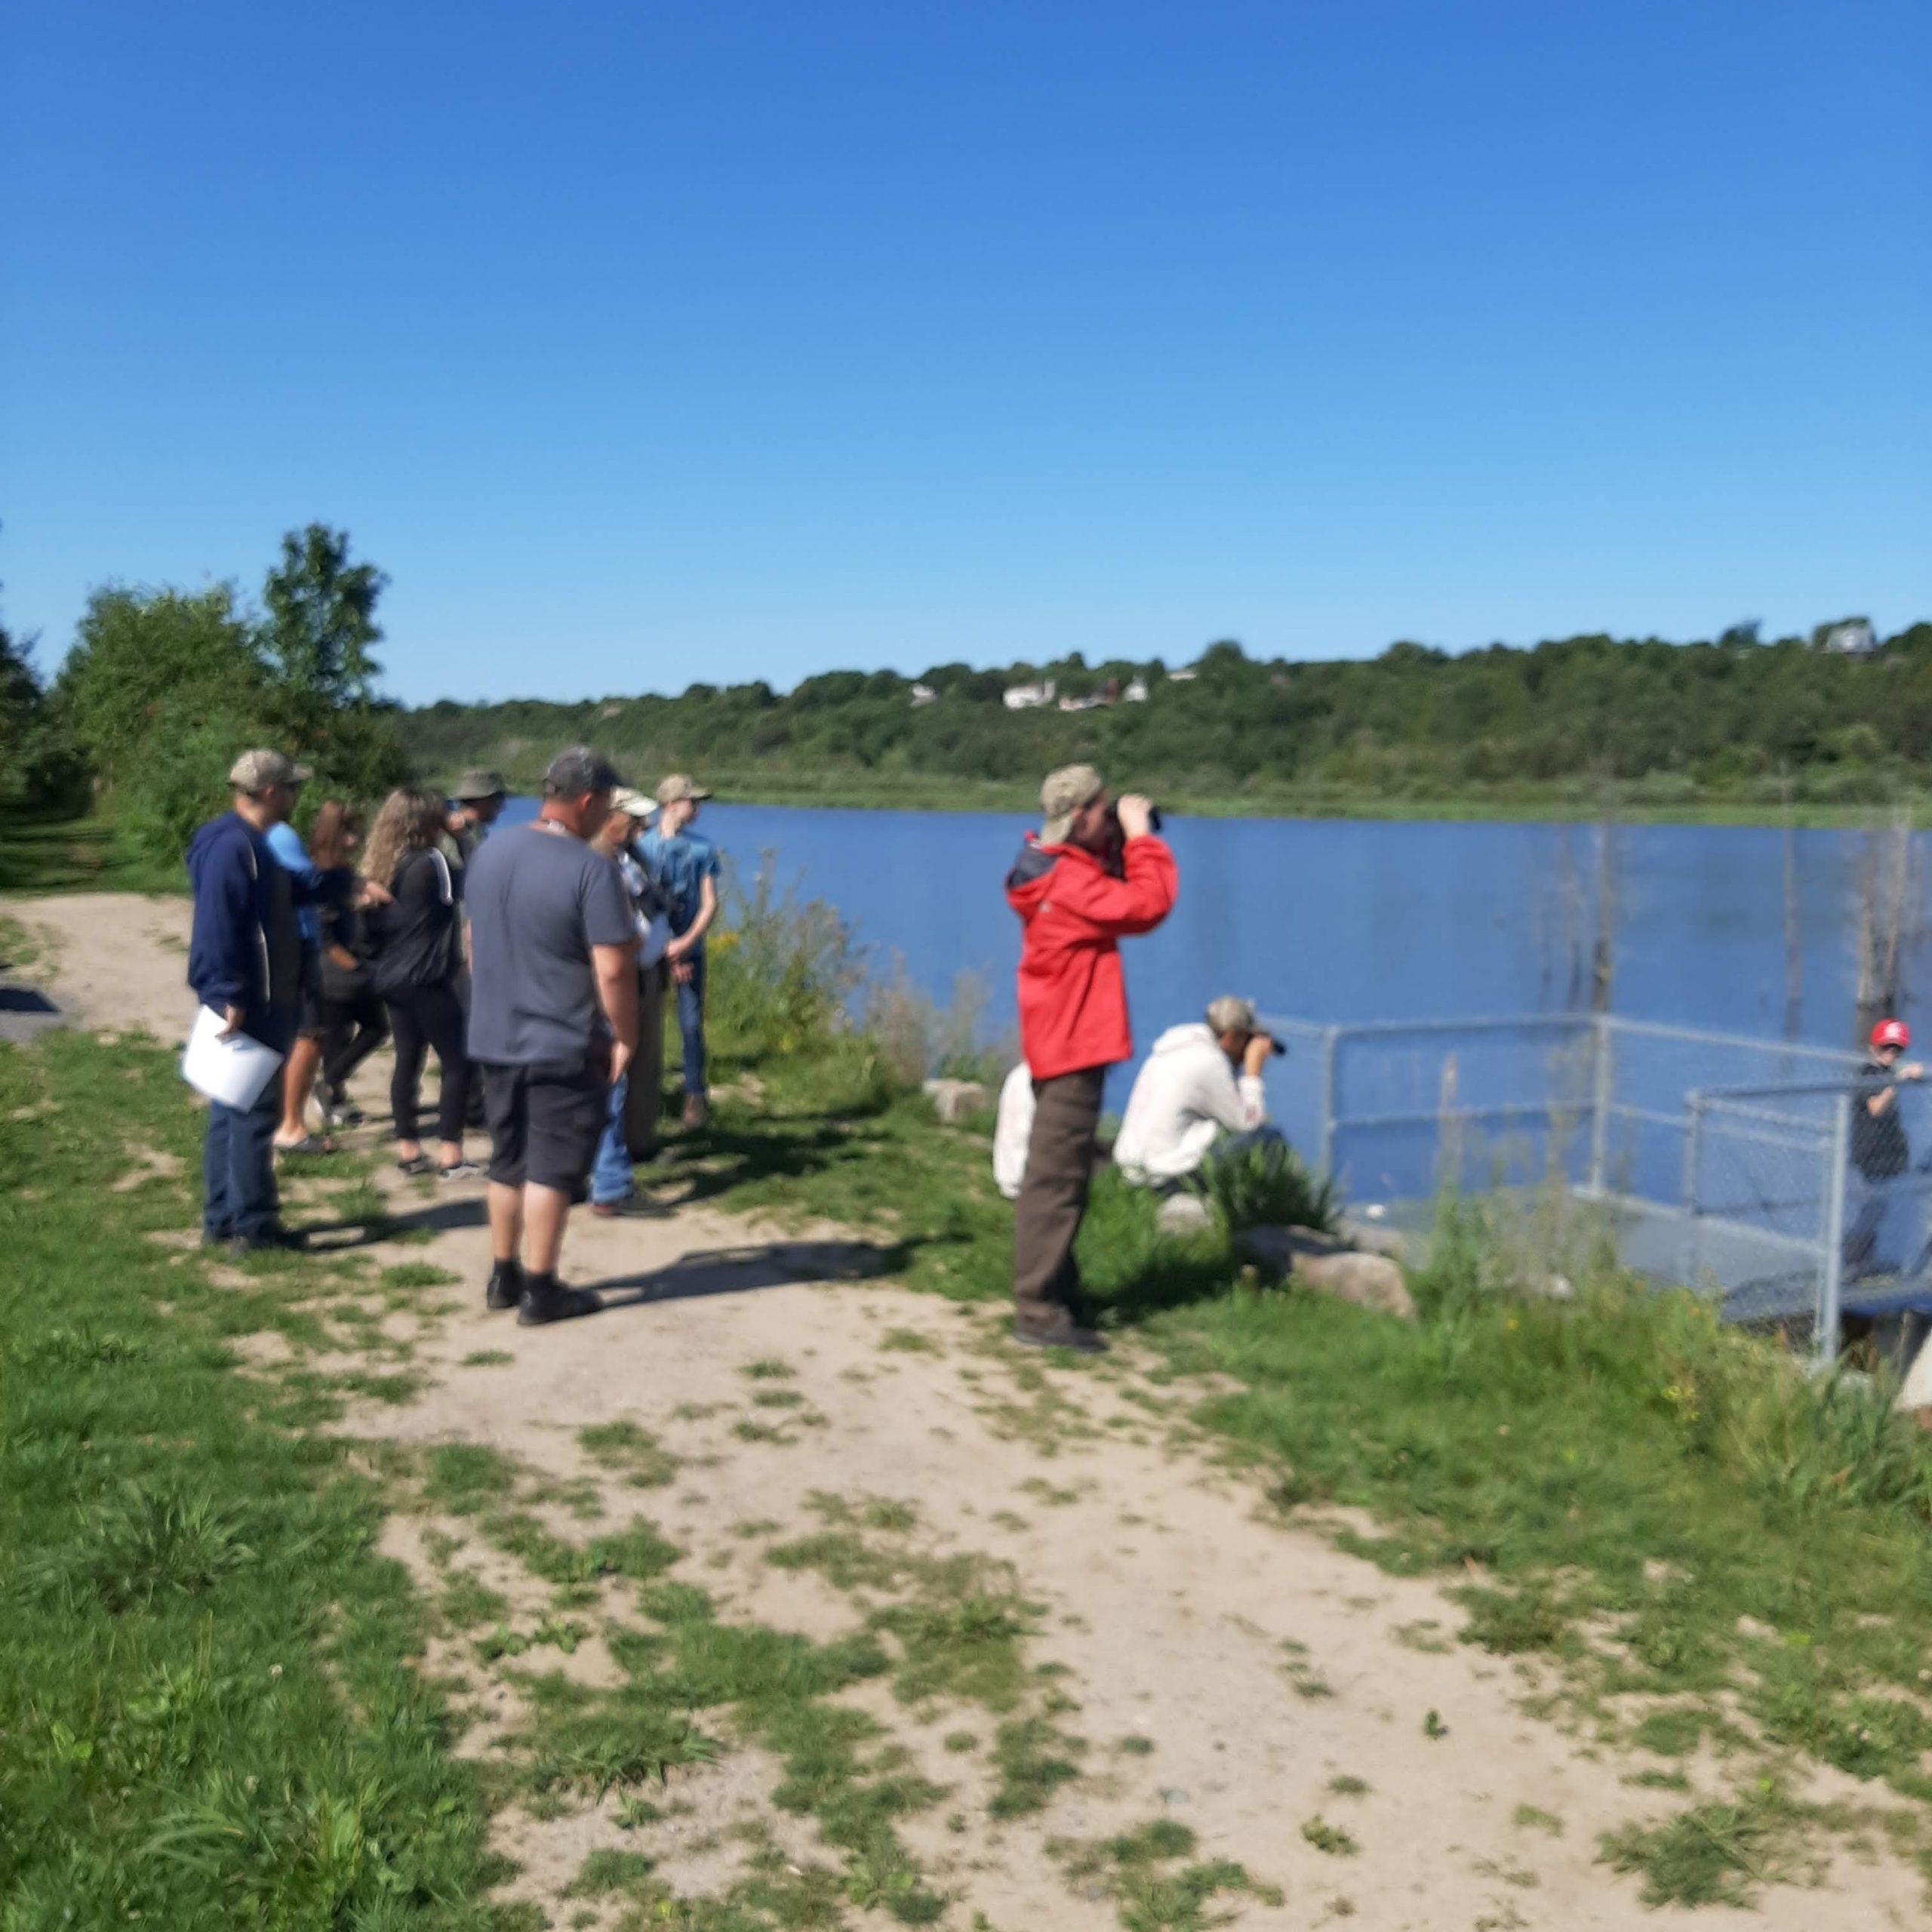 Observation des canards au marais Léon-Provancher, lors de la journée de la relève de jeunes chasseurs de sauvagine, le 25 août 2019. Photo : Pierre Lapointe.